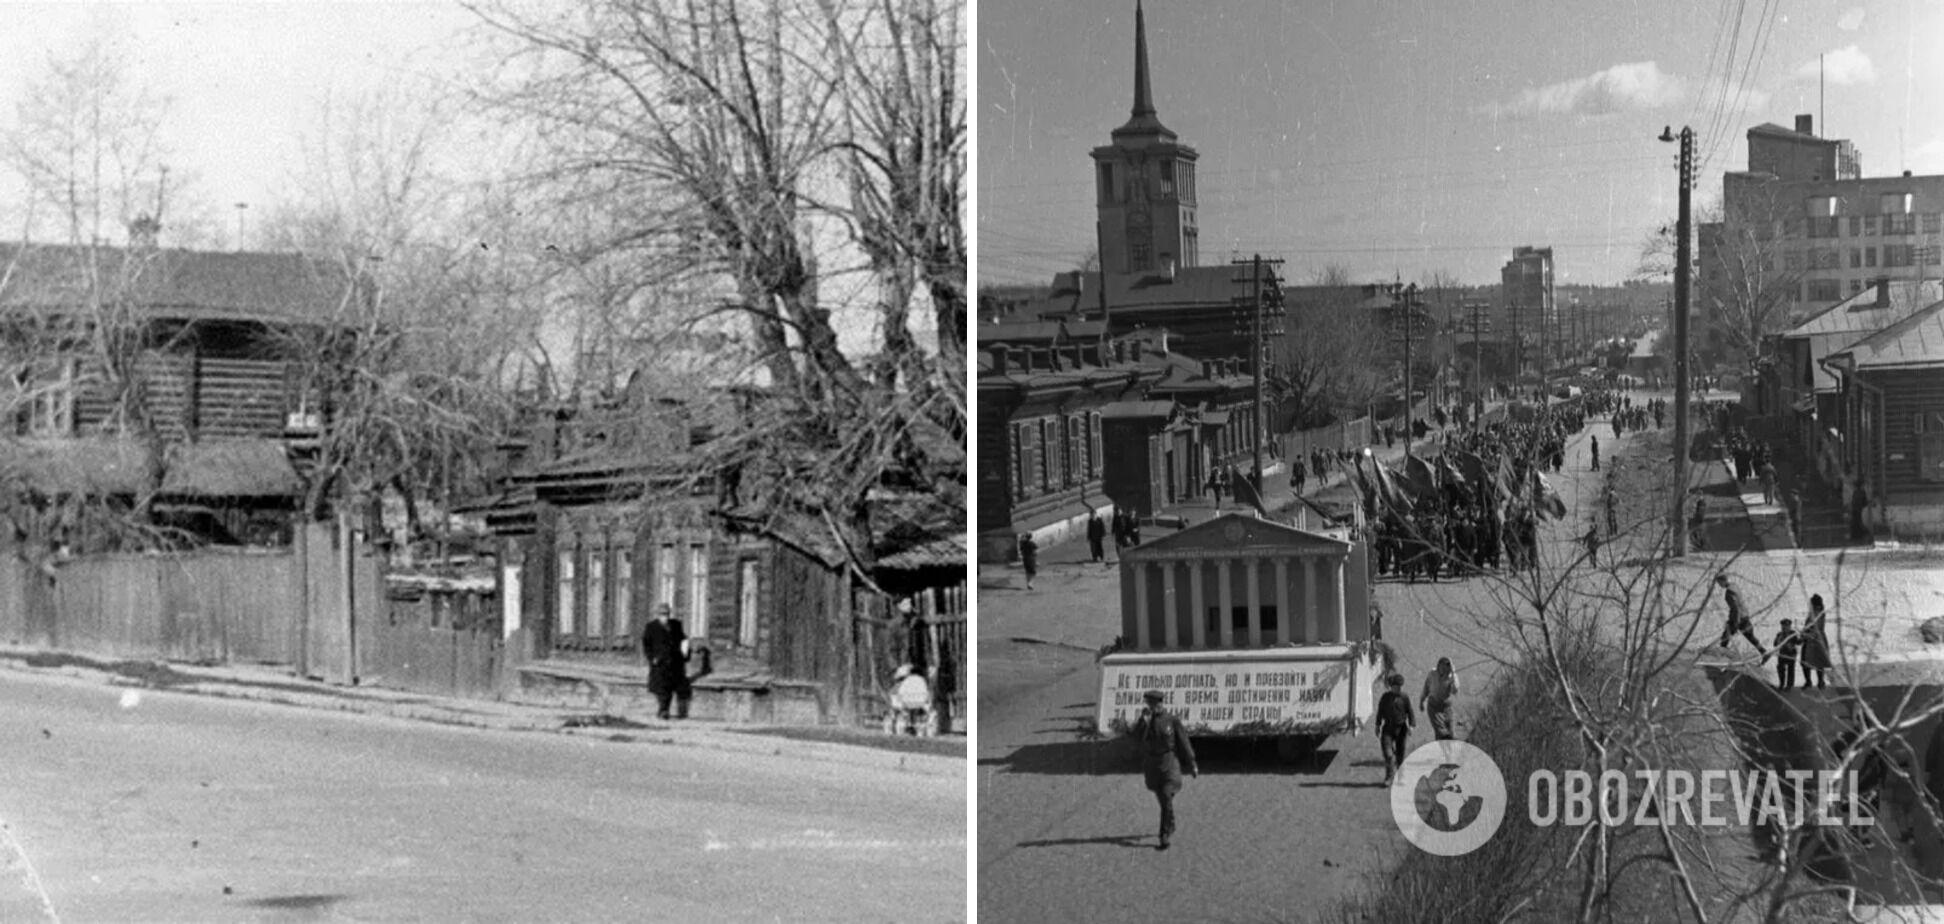 Первомайская улица в Свердловске, на которой проживала первая жертва маньяка. Как оказалось позже, убийца обитал в соседнем доме – он слева на второй части фото